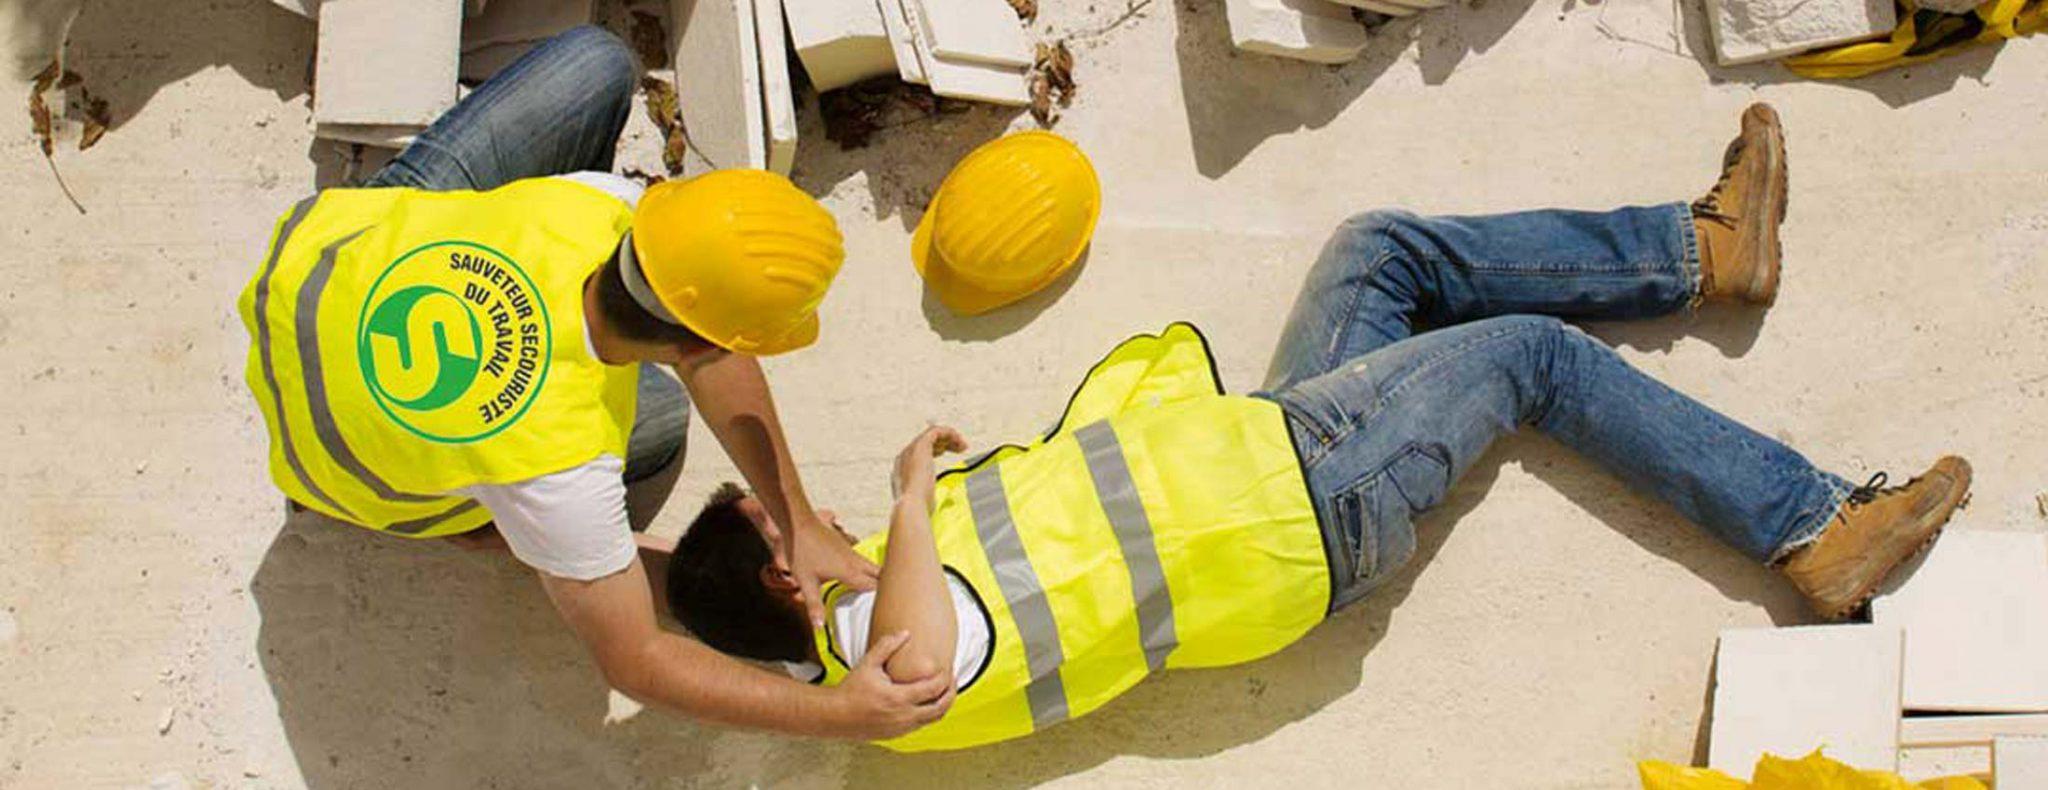 photo d'un secouriste qui intervient lors d'un accident de travail suite à sa formation SST